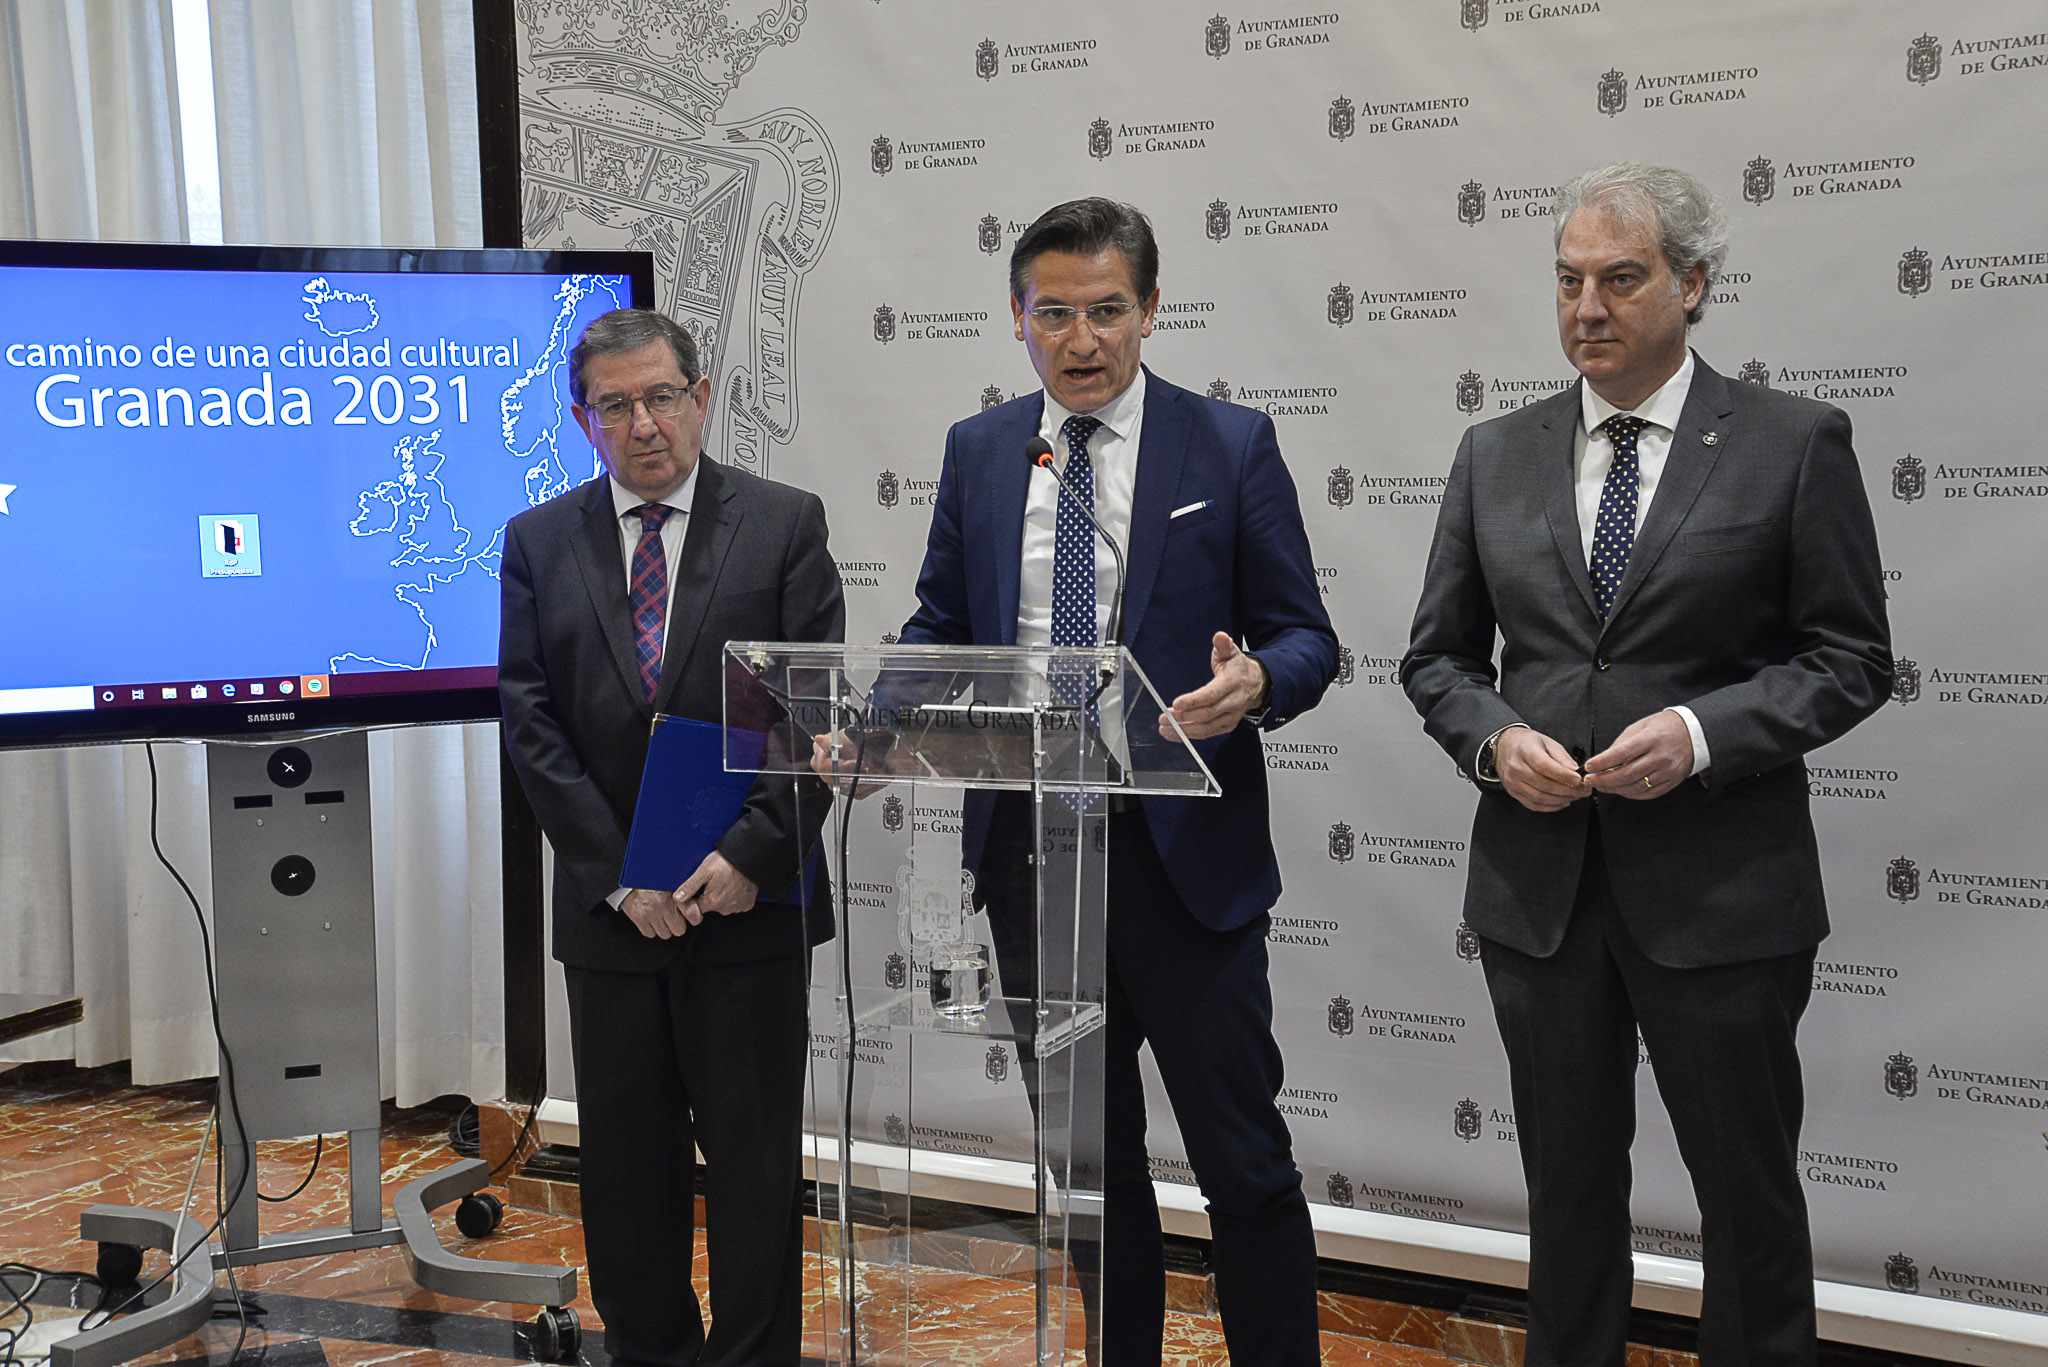 El Ayuntamiento presenta un borrador de presupuestos para 2020 con un superávit de 13 millones de euros